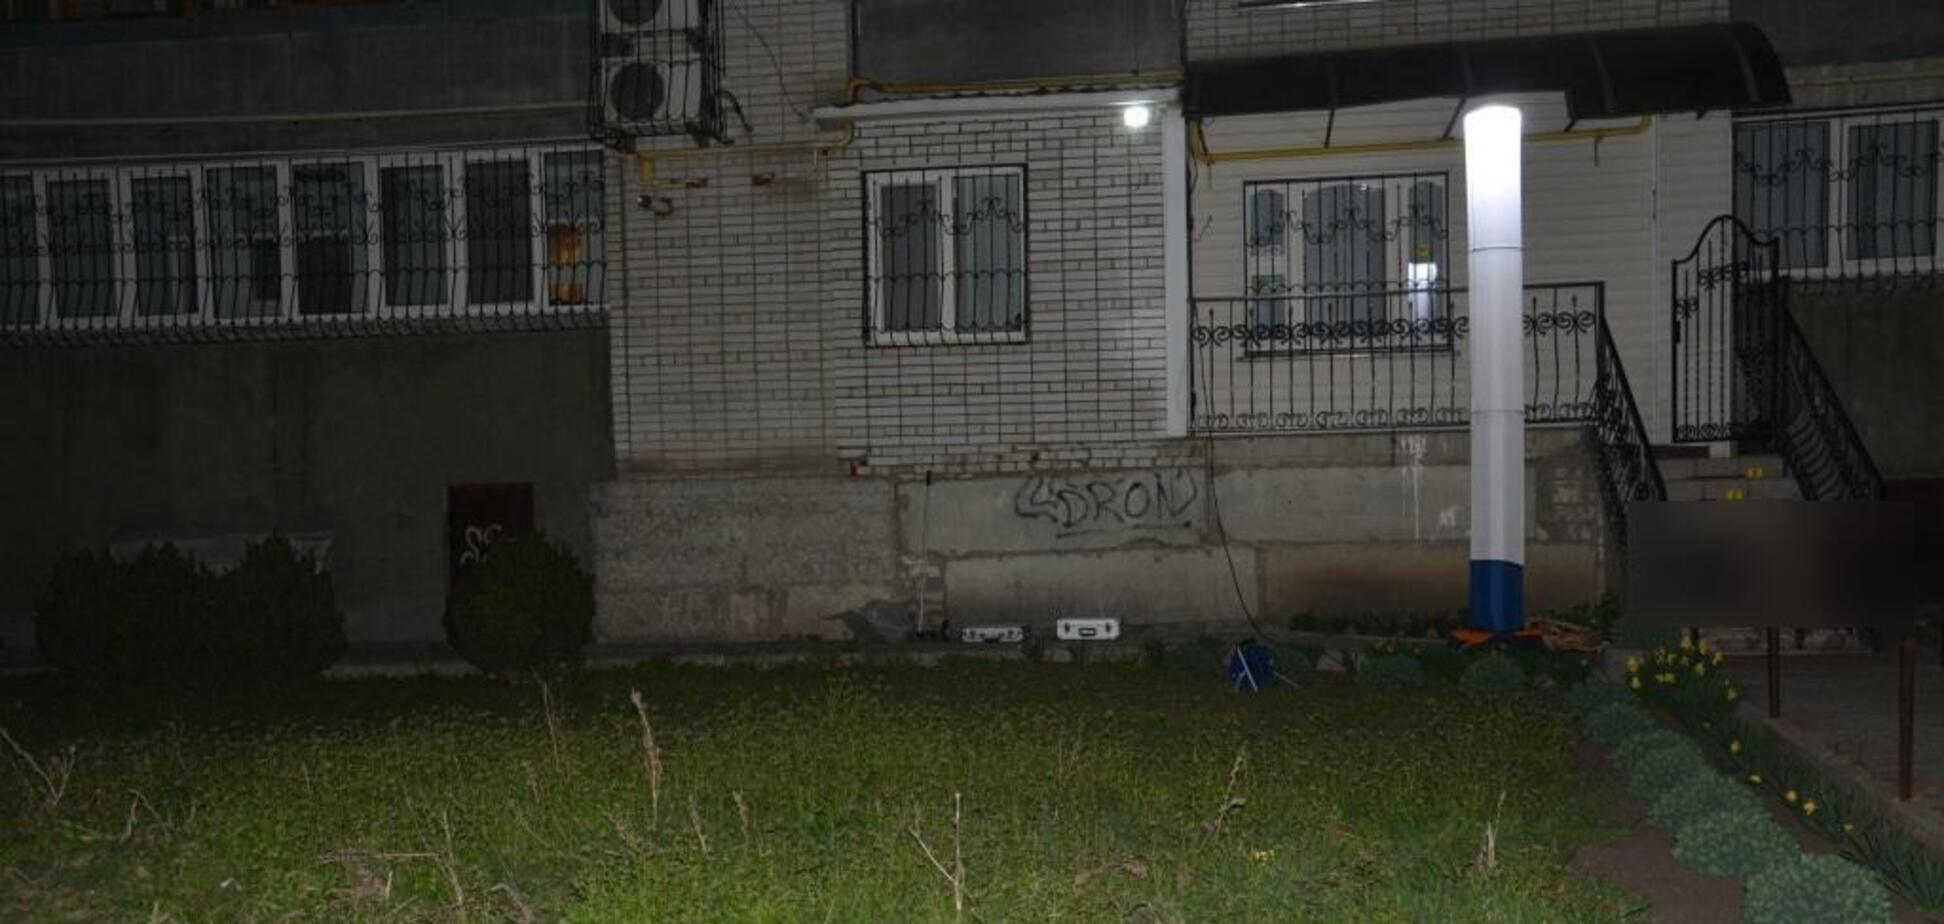 Под Киевом застрелили предпринимателя: первые подробности убийства